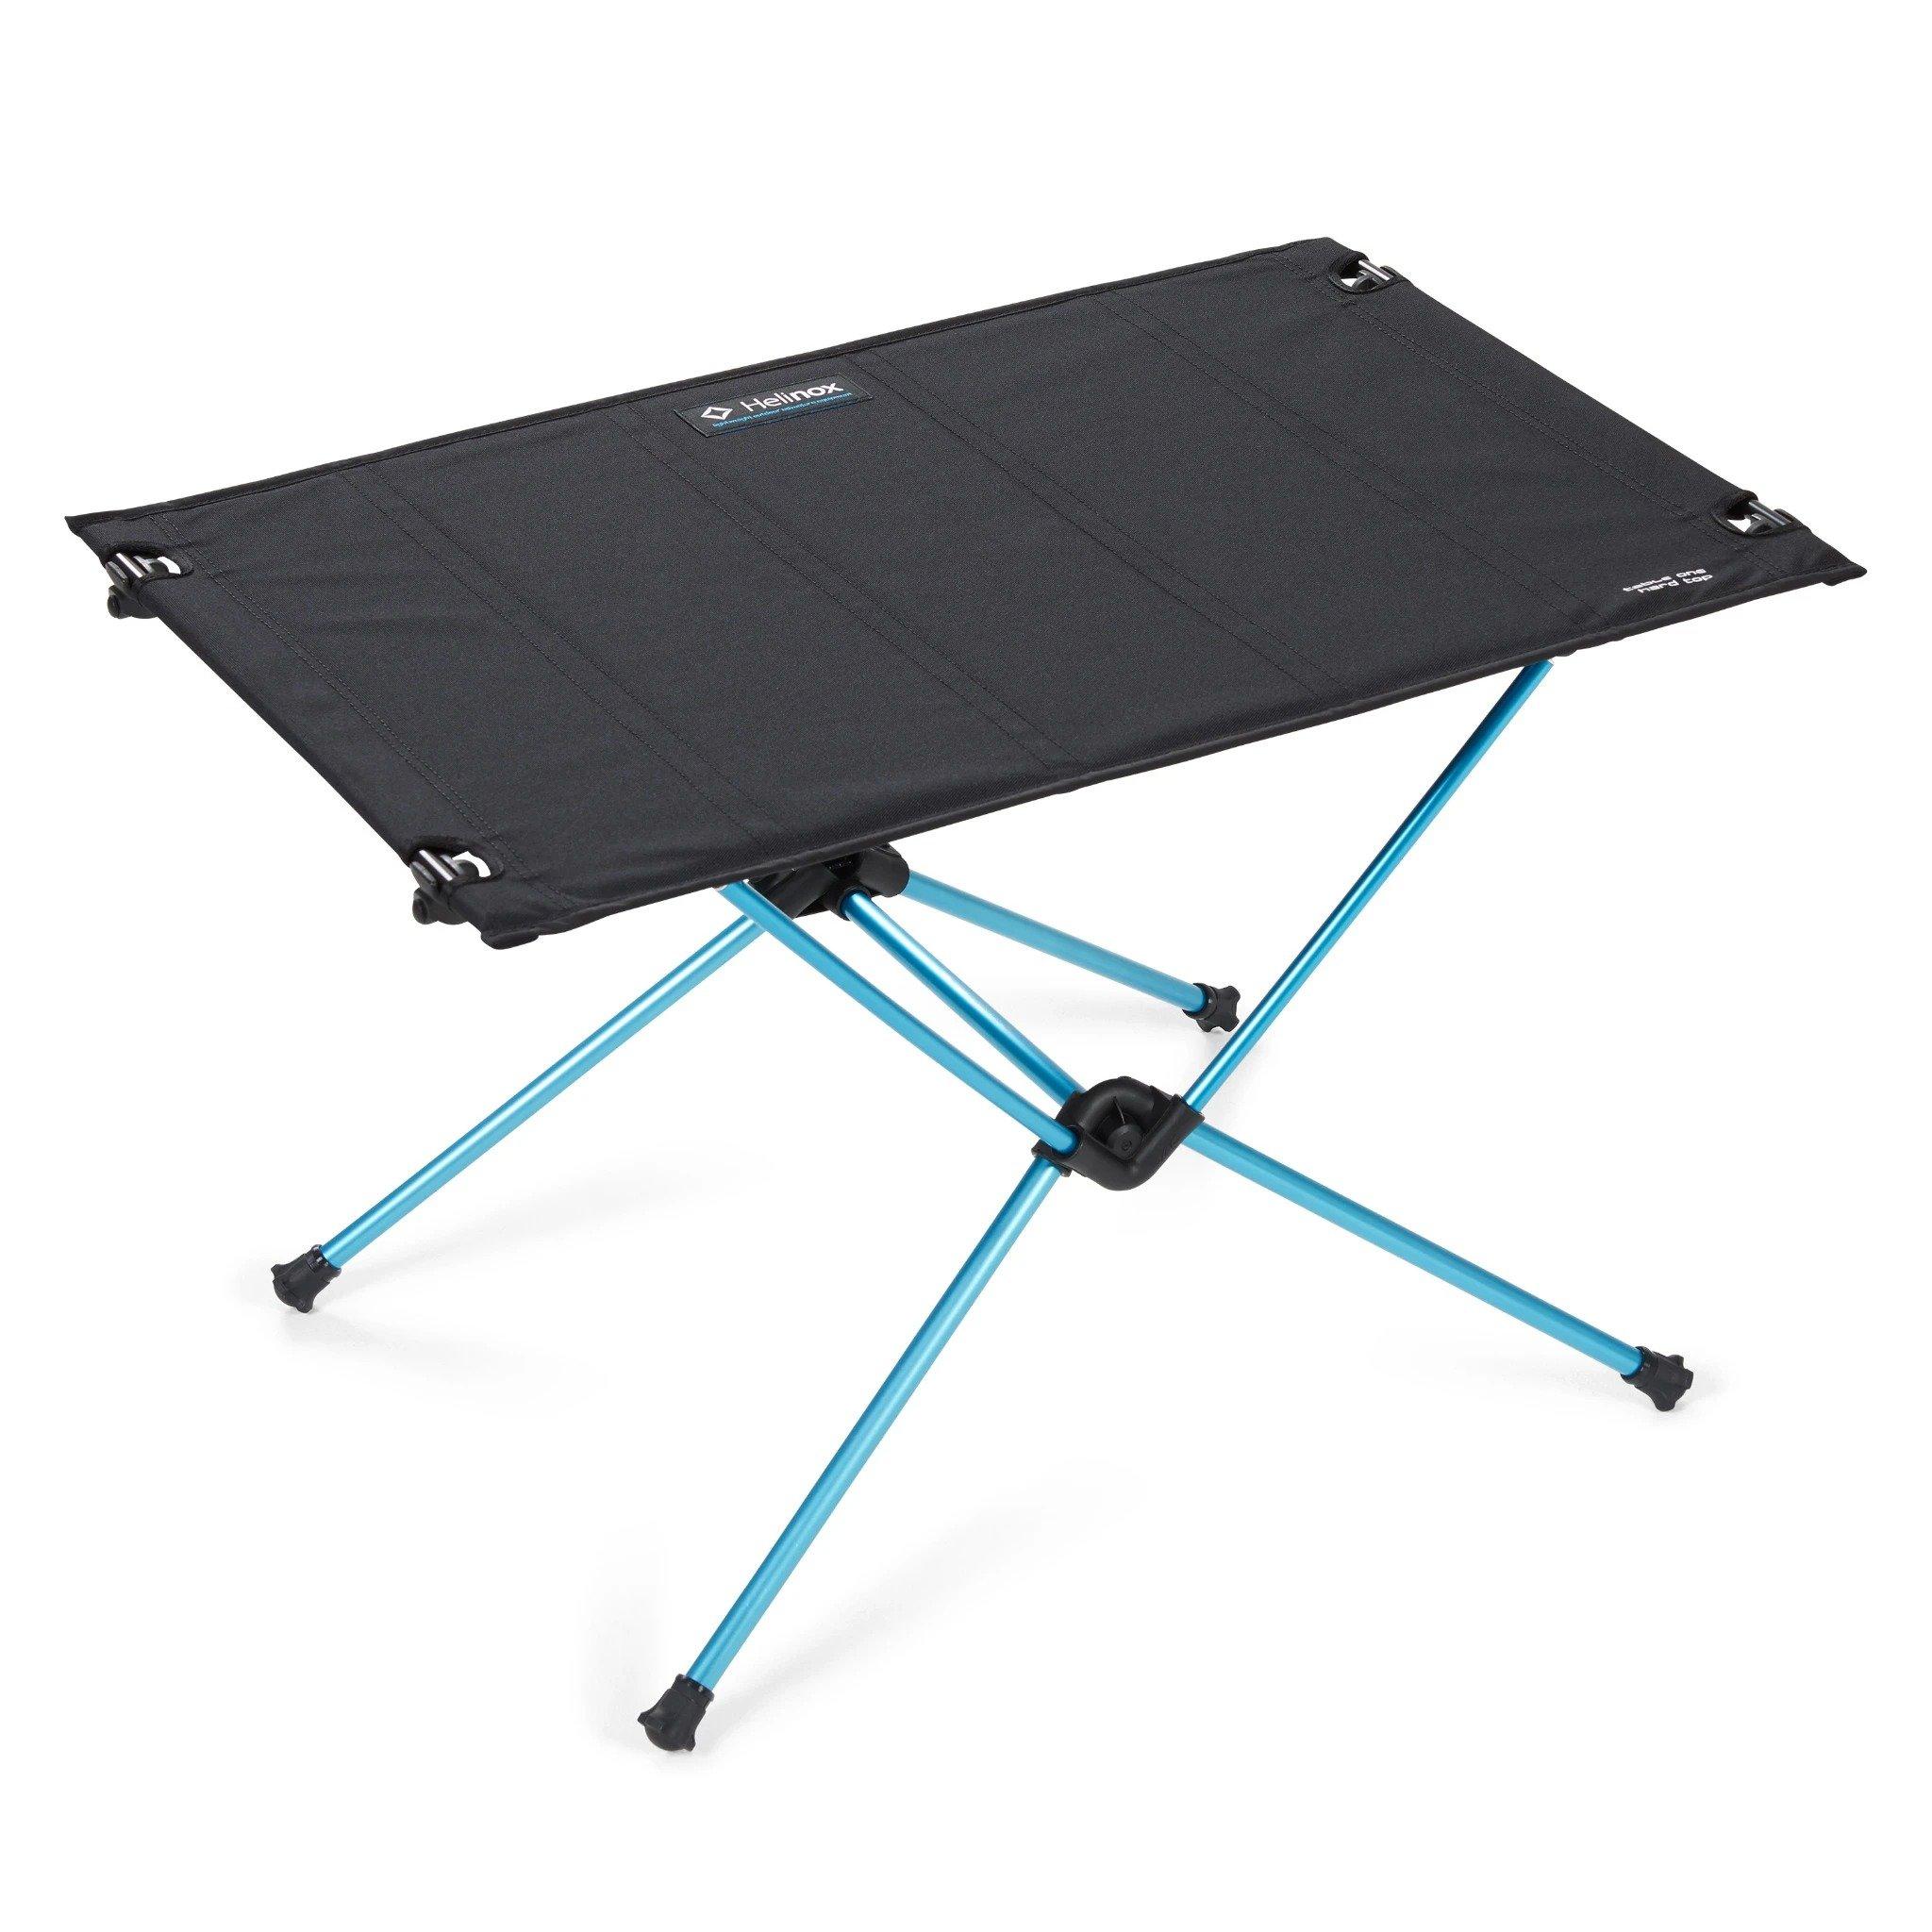 Helinox TABLE ONE HARD TOP – Black